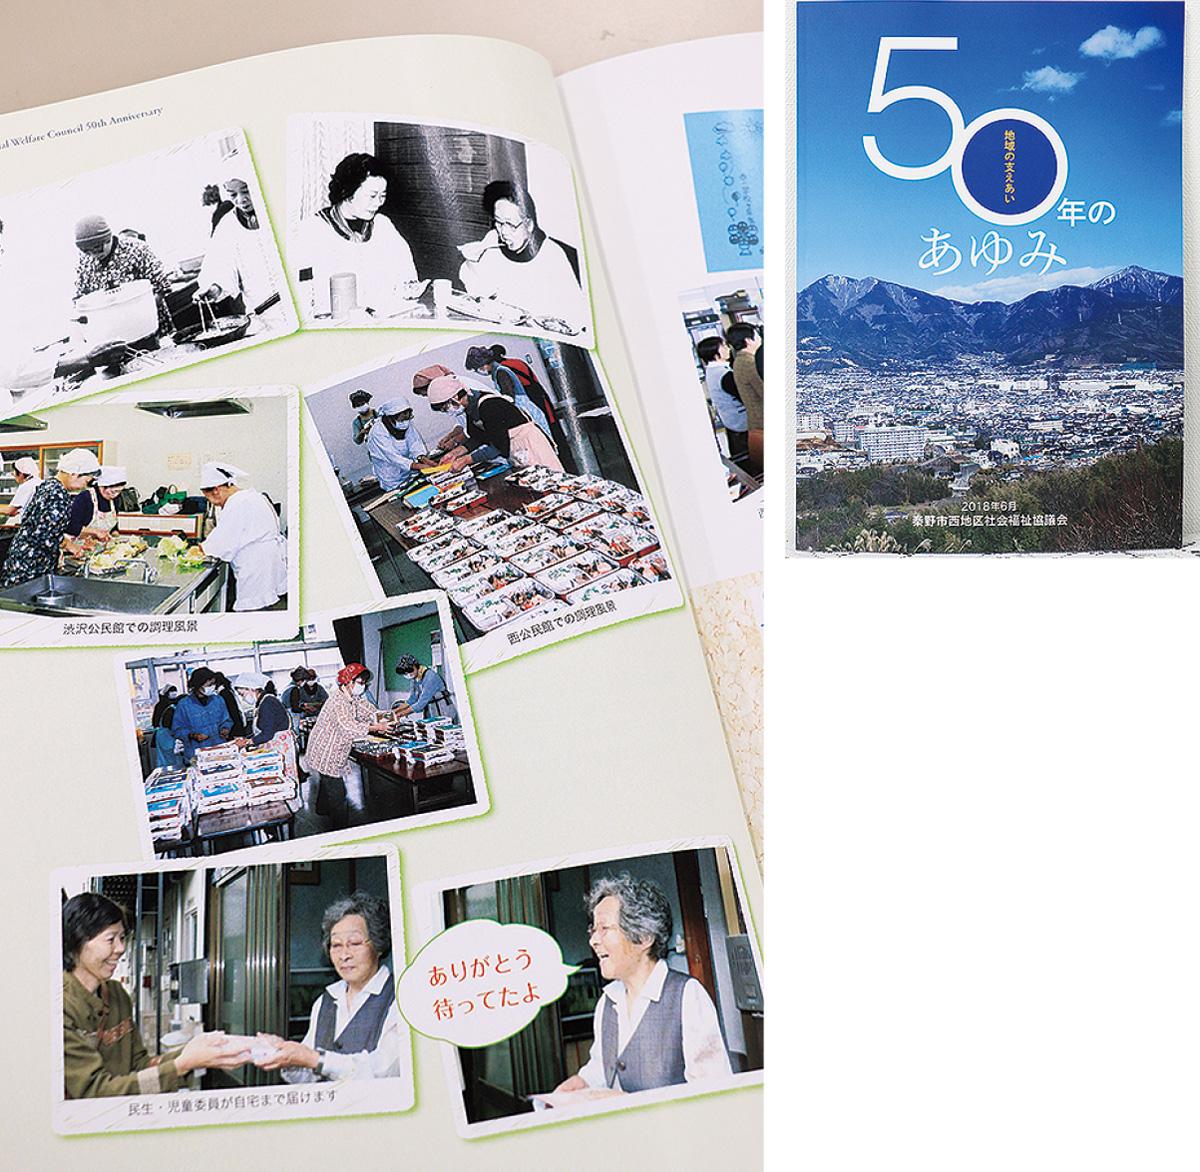 西地区社協が50周年